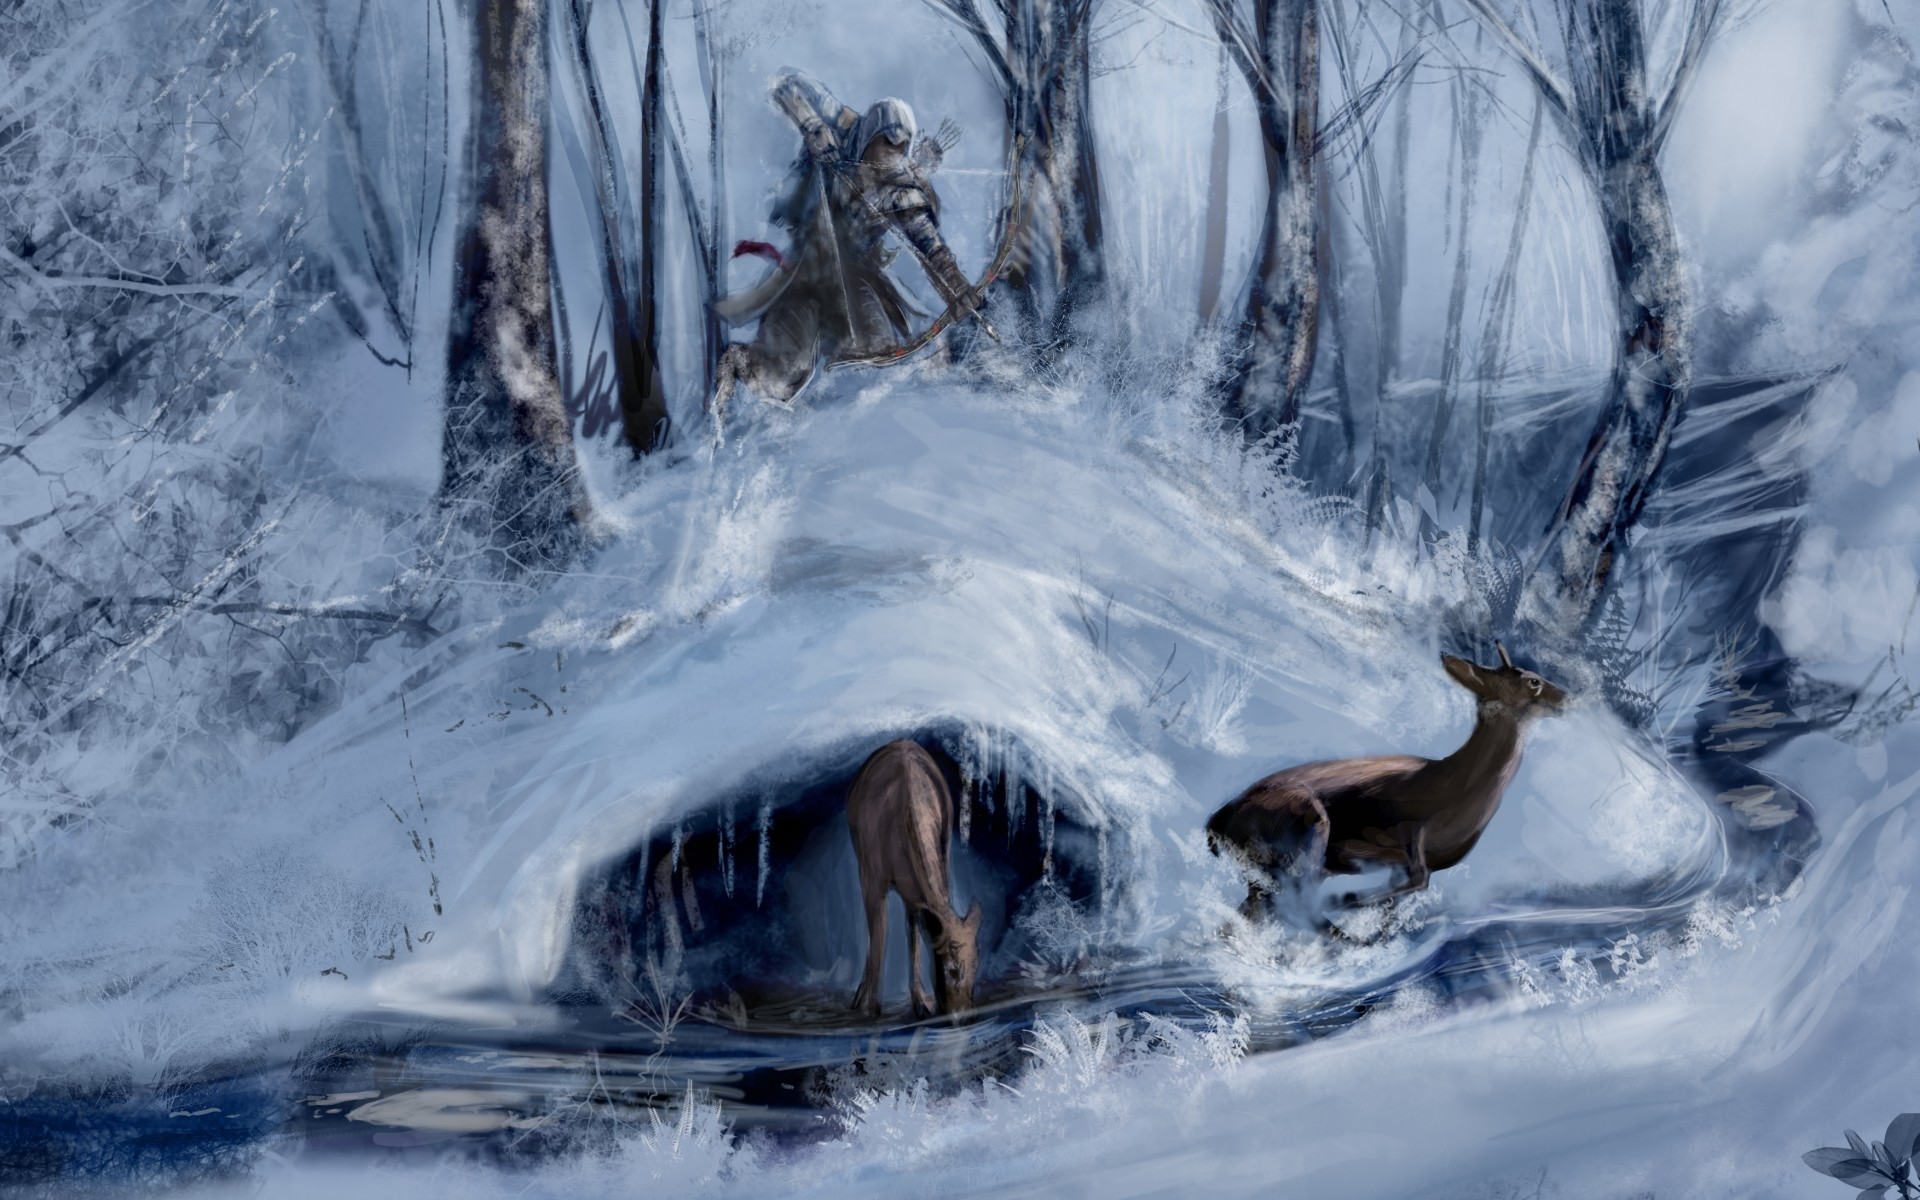 Winter Deer Wallpaper Deer Nature Winter Snow 1920x1200